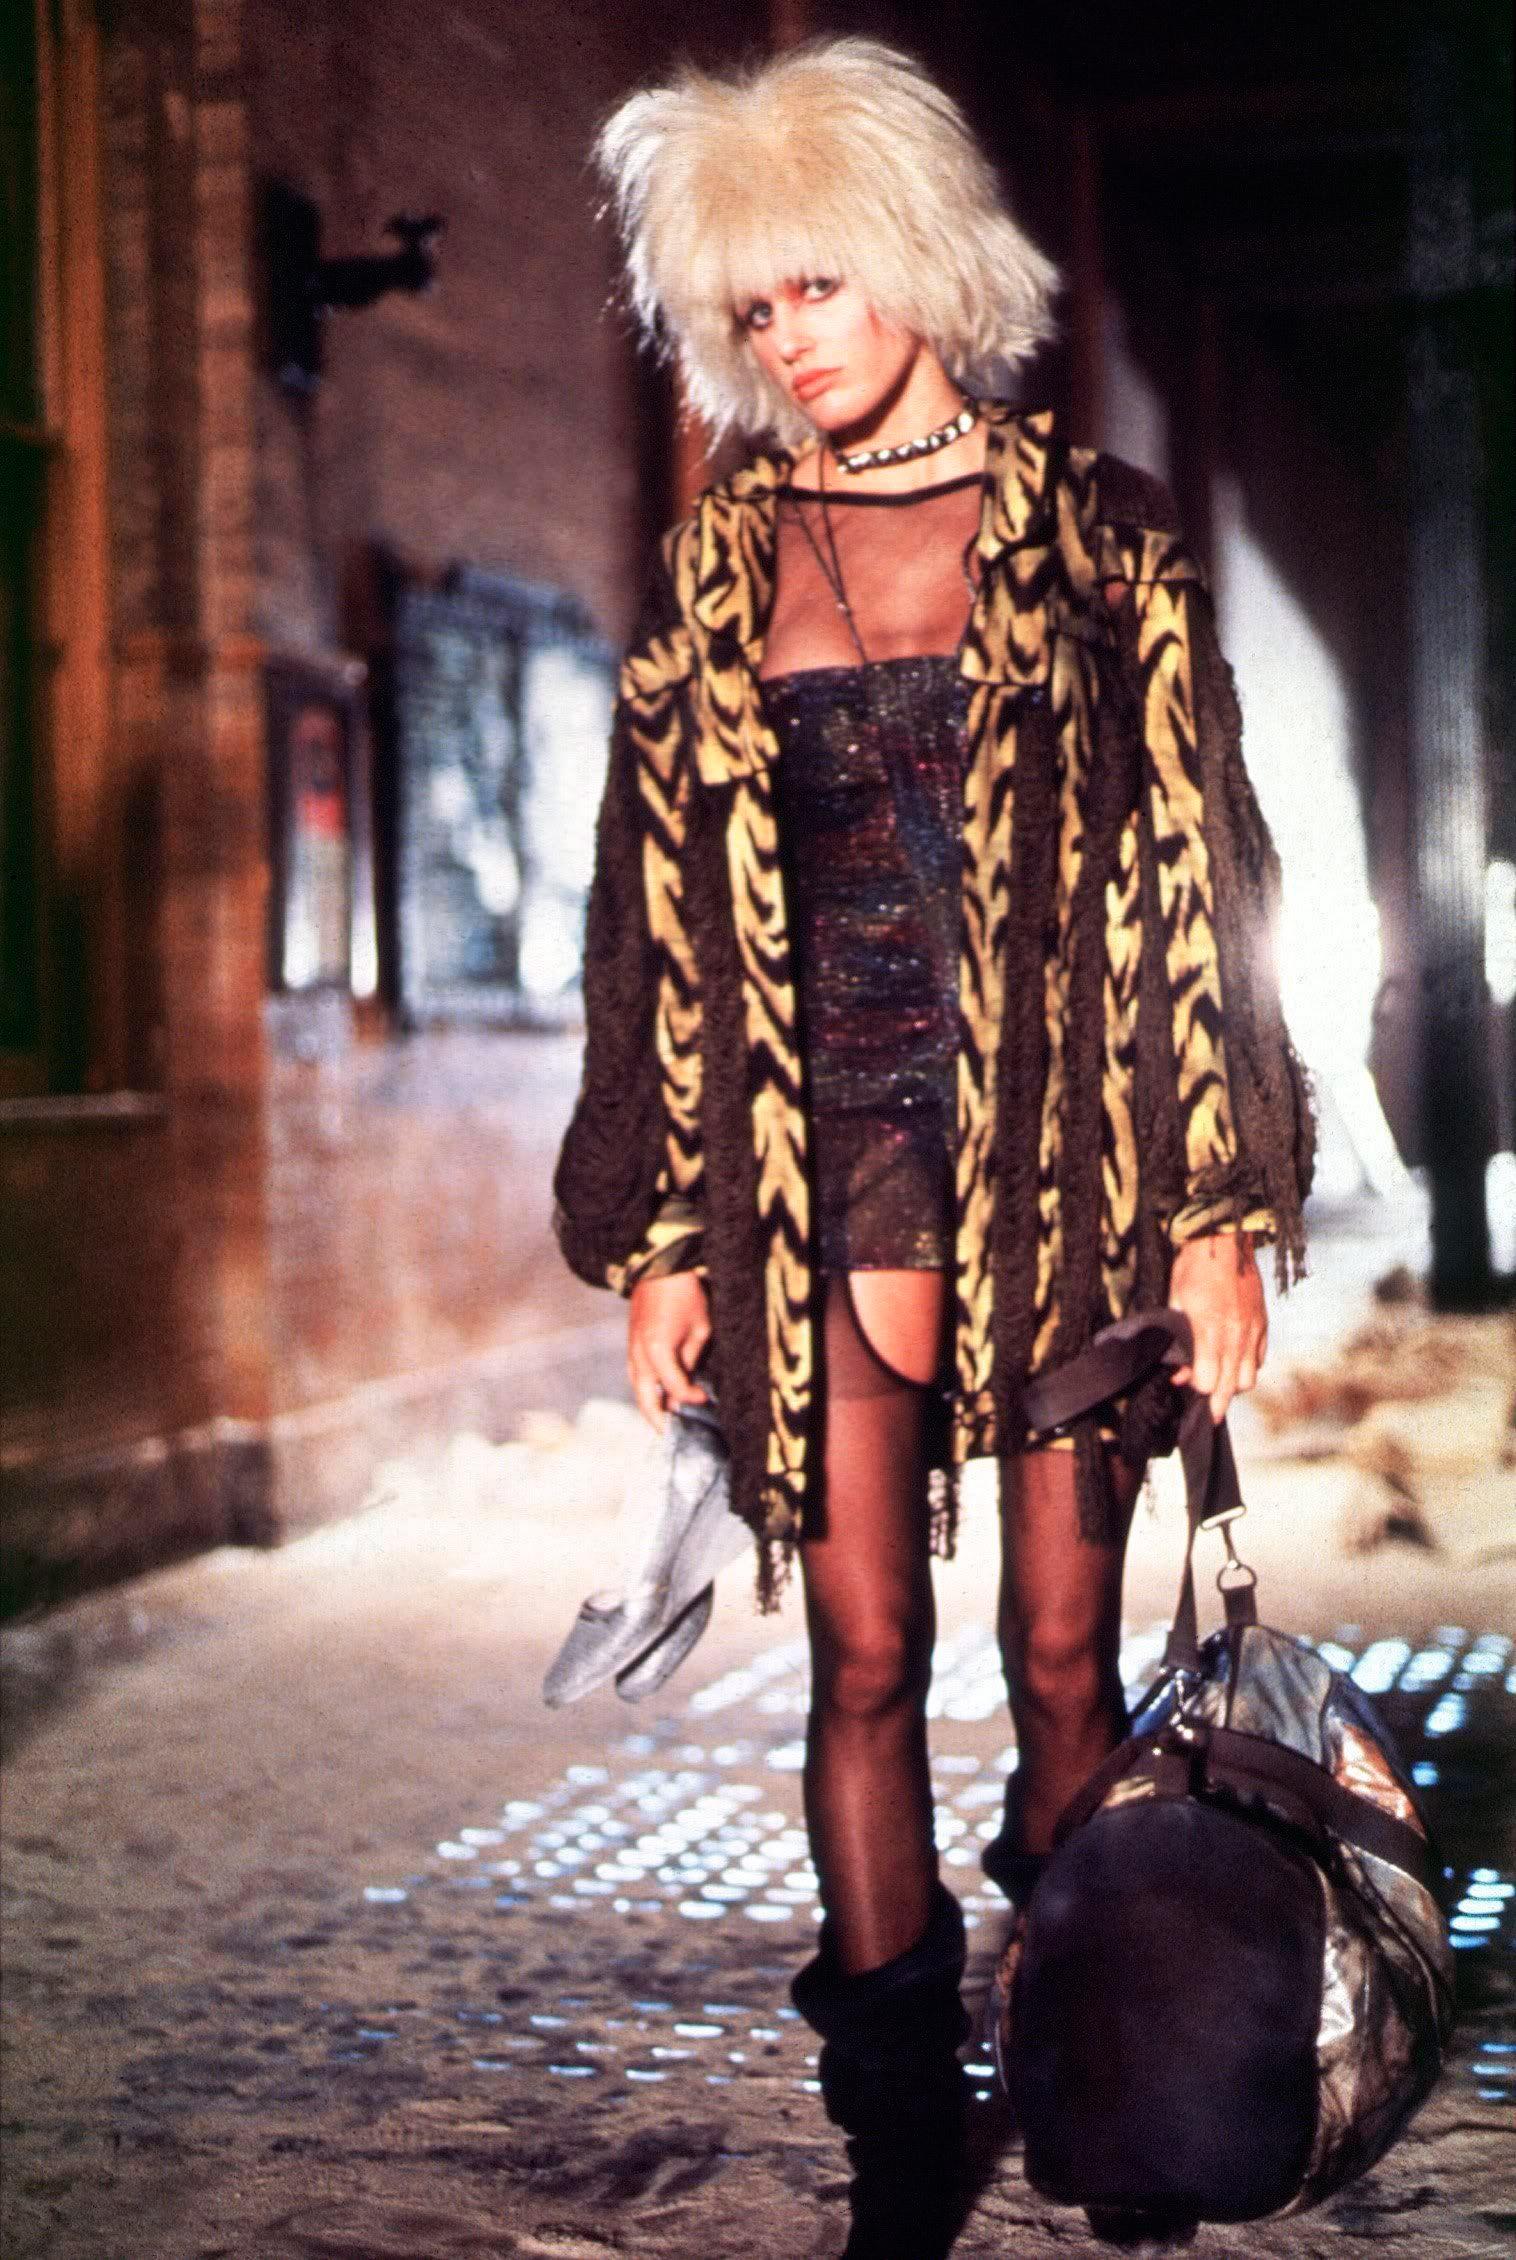 La réplicante Pris (Daryl Hannah) est un adorable vilain jojo, dans le film Blade Runner de Ridley Scott (1982)